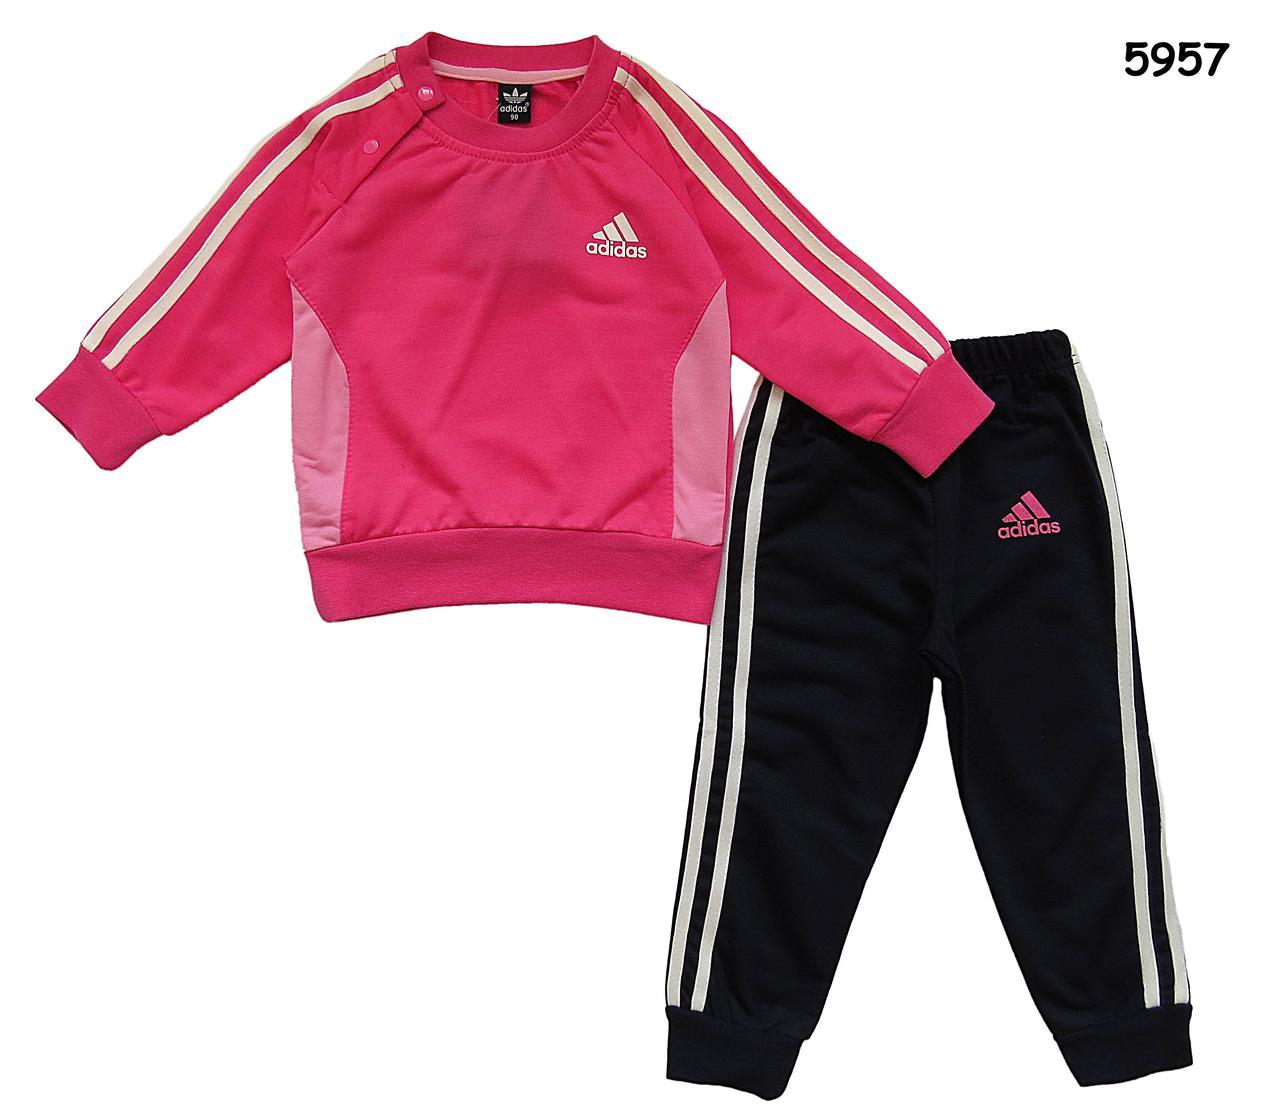 133f83a5b175 Спортивный костюм Adidas для девочки. Маломерит. 130 см